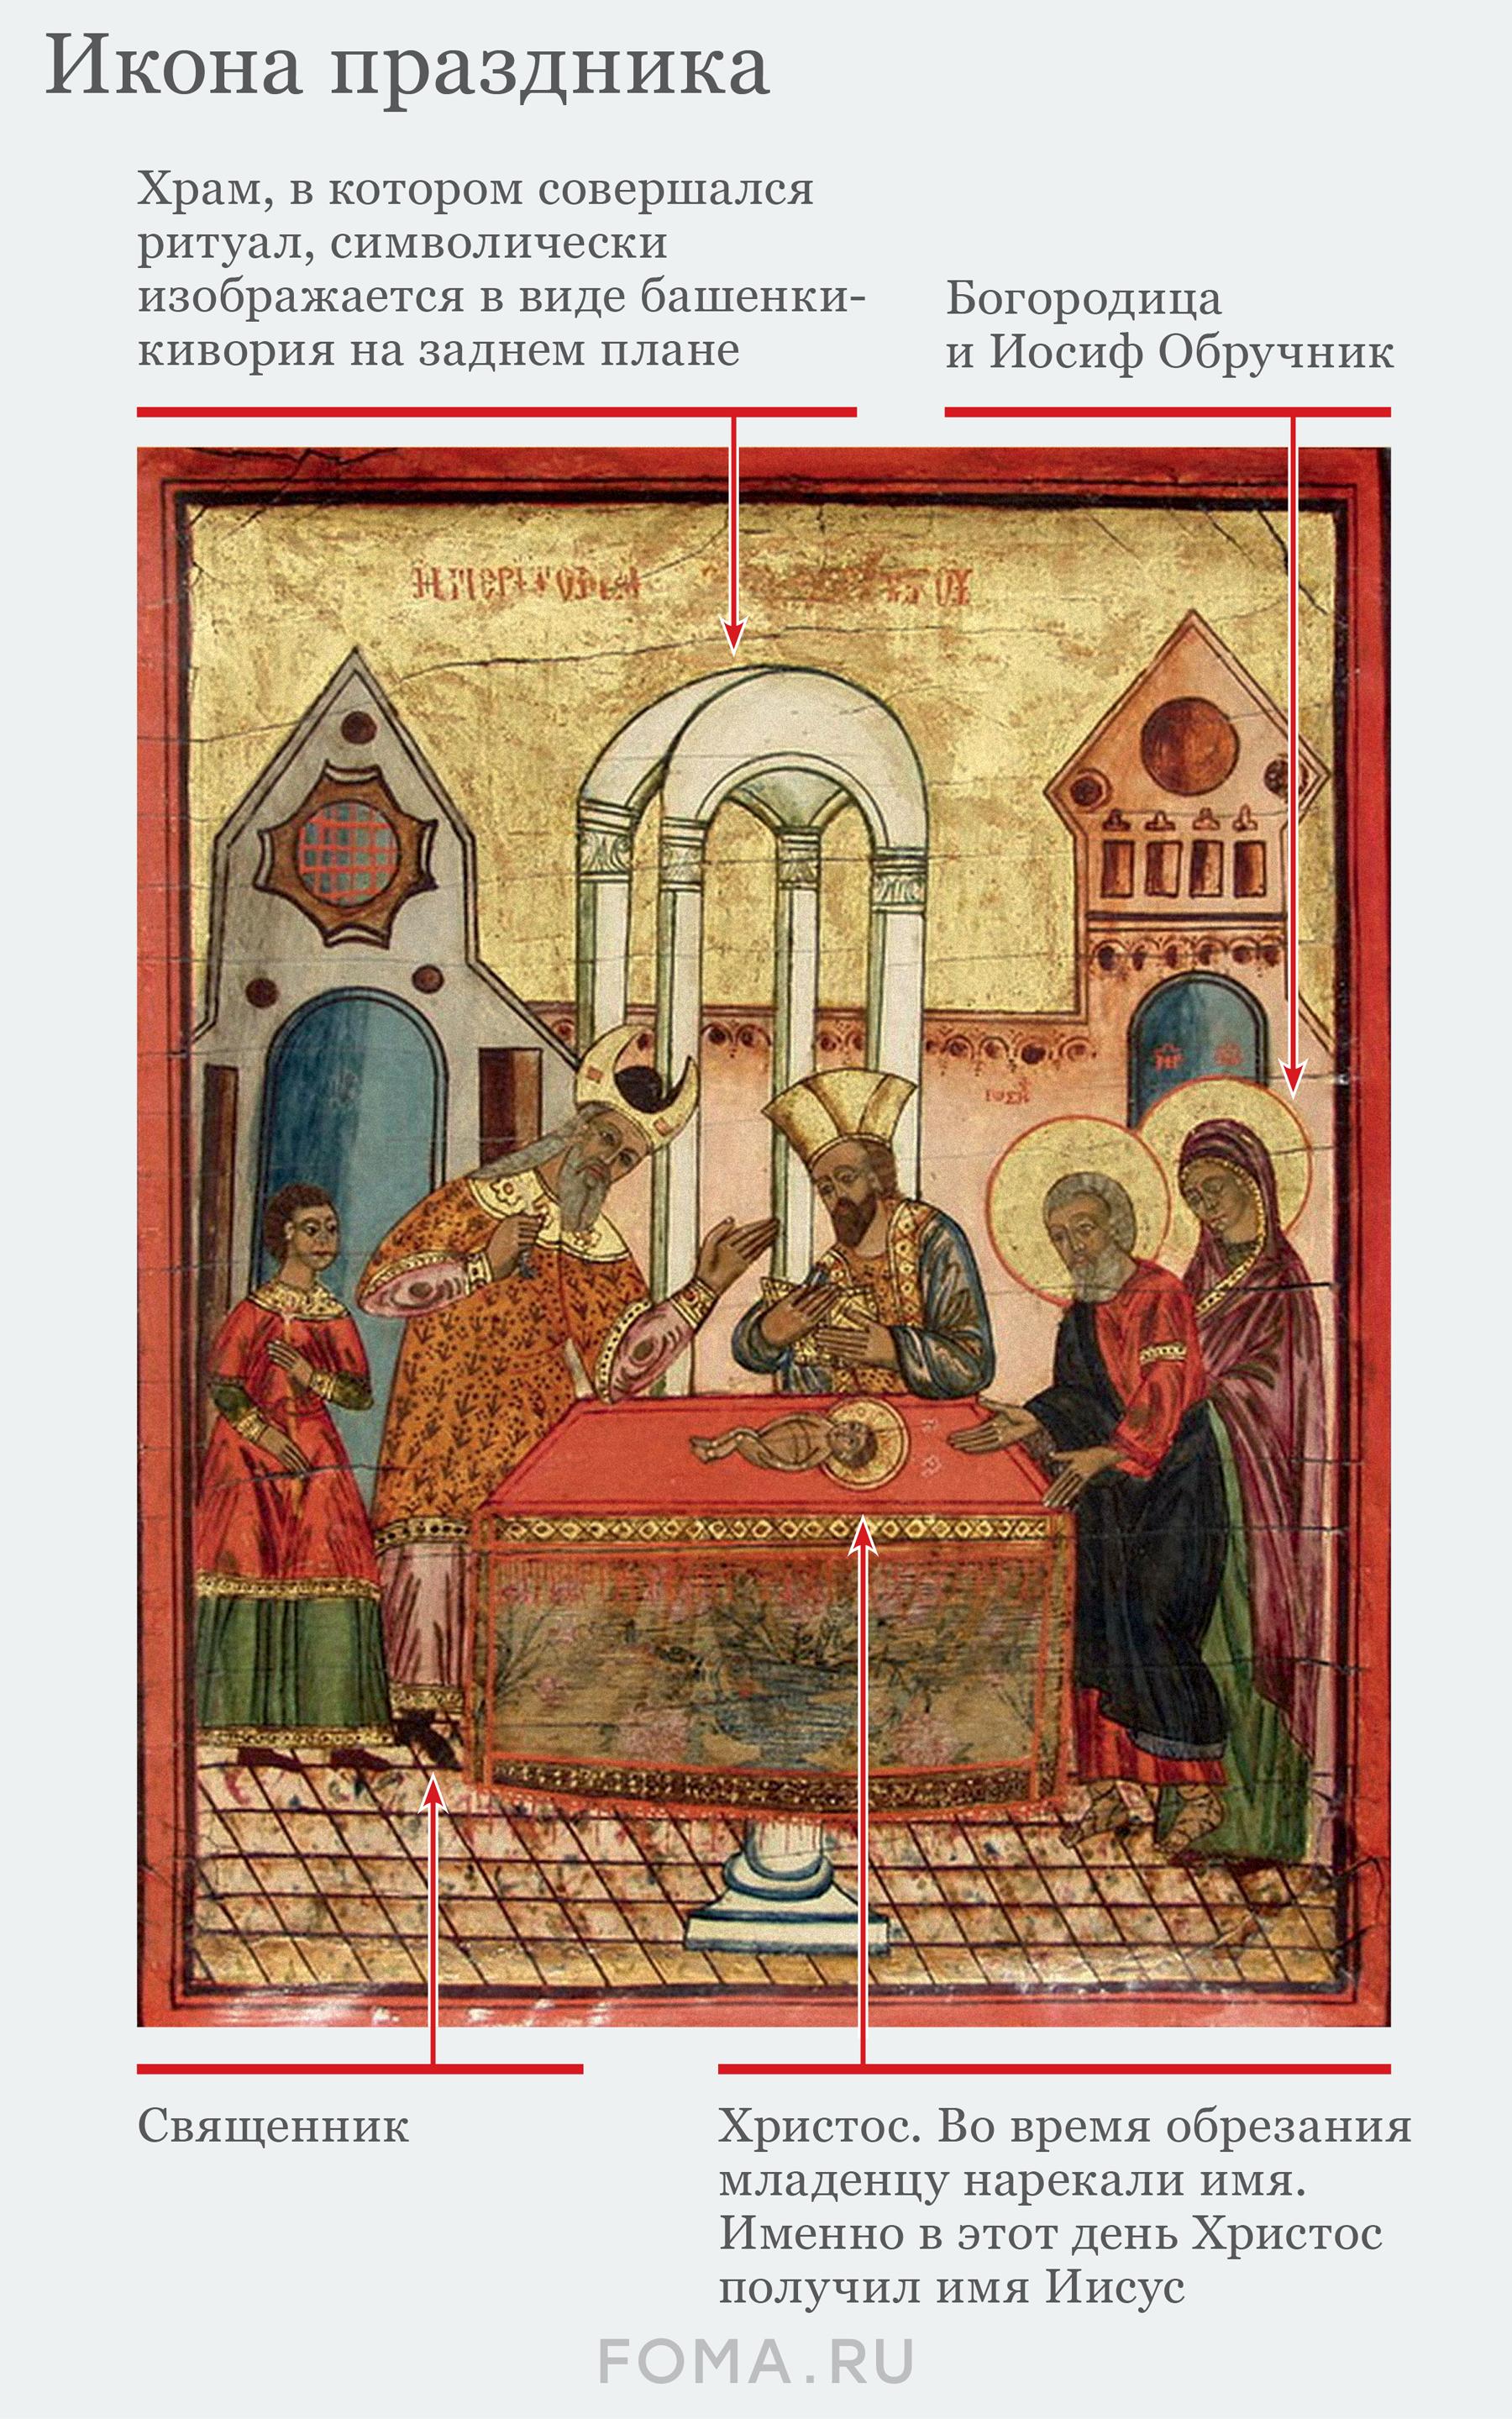 Праздник обрезание господне: история и происхождение, значение и смысл, традиции, когда и как праздновать